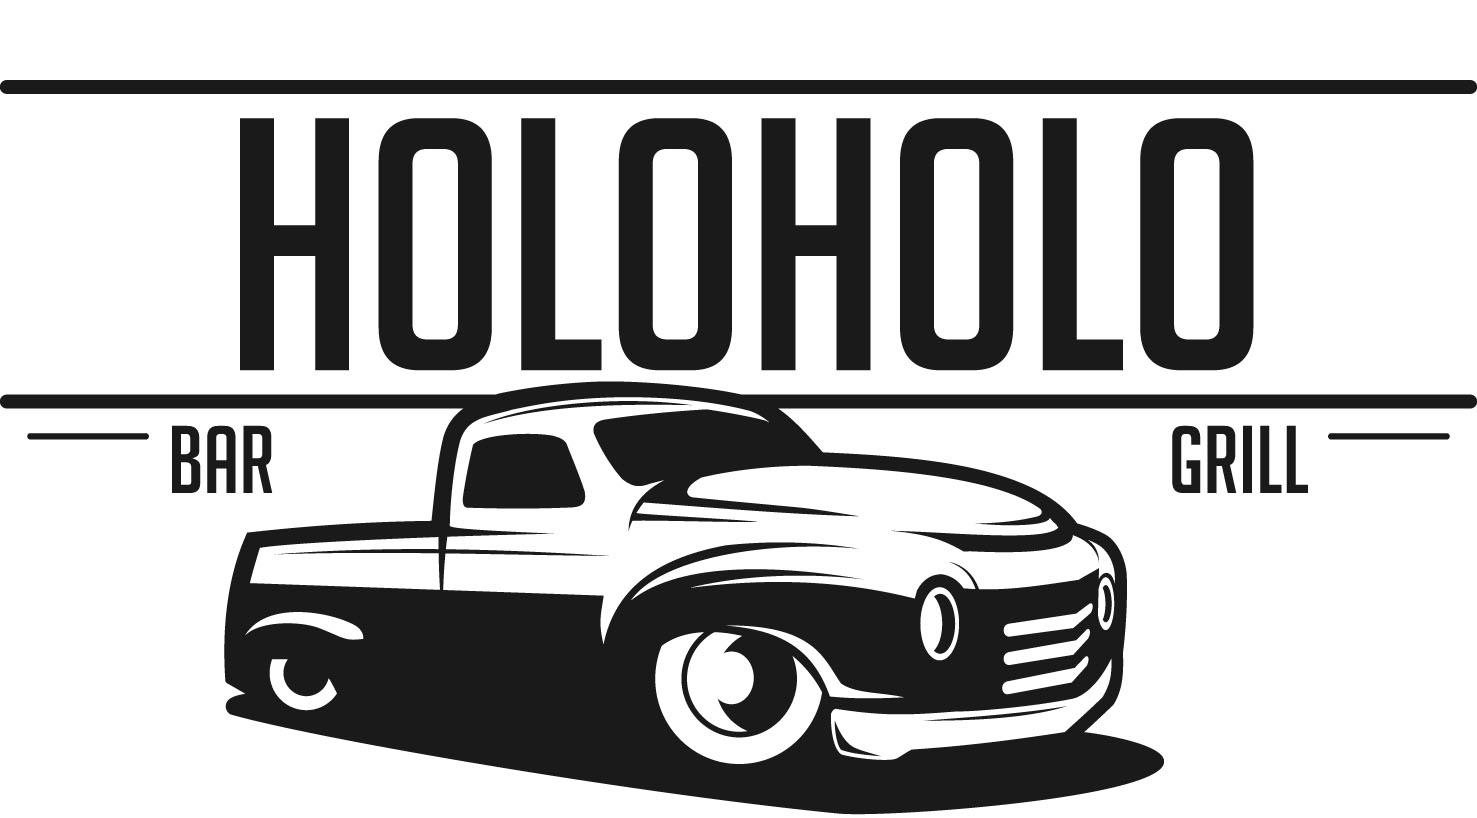 Holoholo Bar & Grill